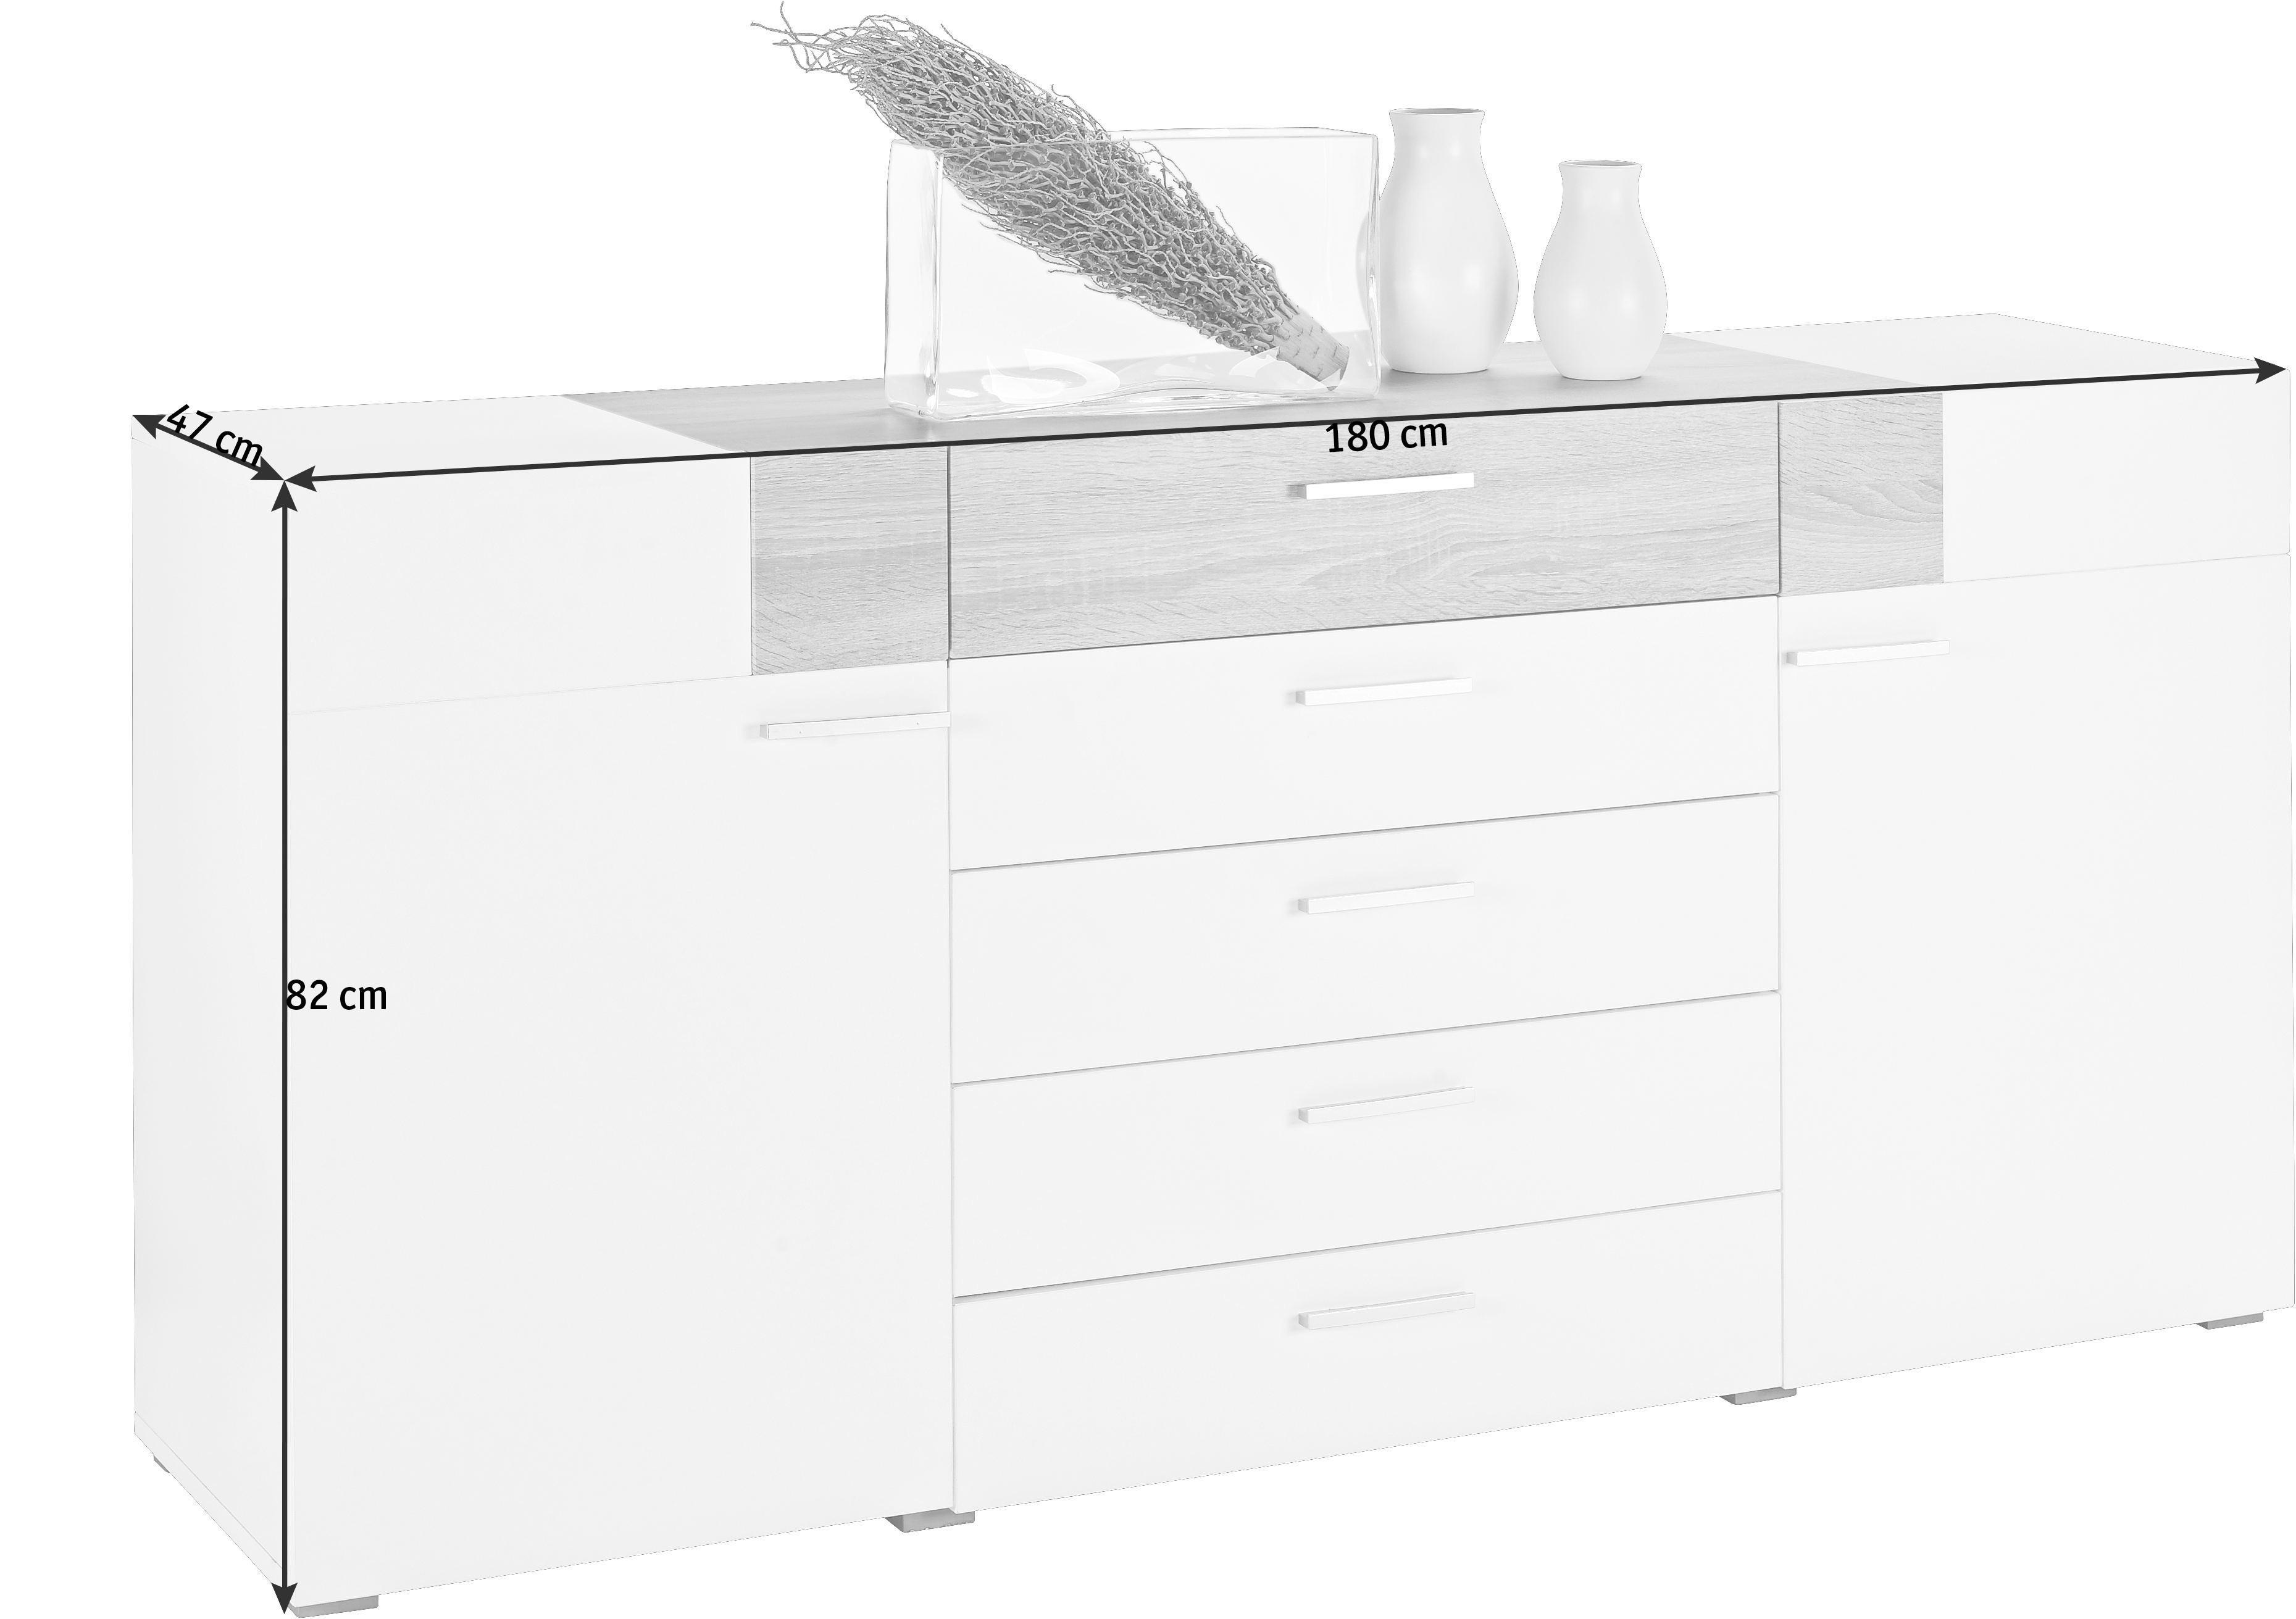 Beste Classy Design Kommode Braun Weiß Fotos - Die Designideen für ...